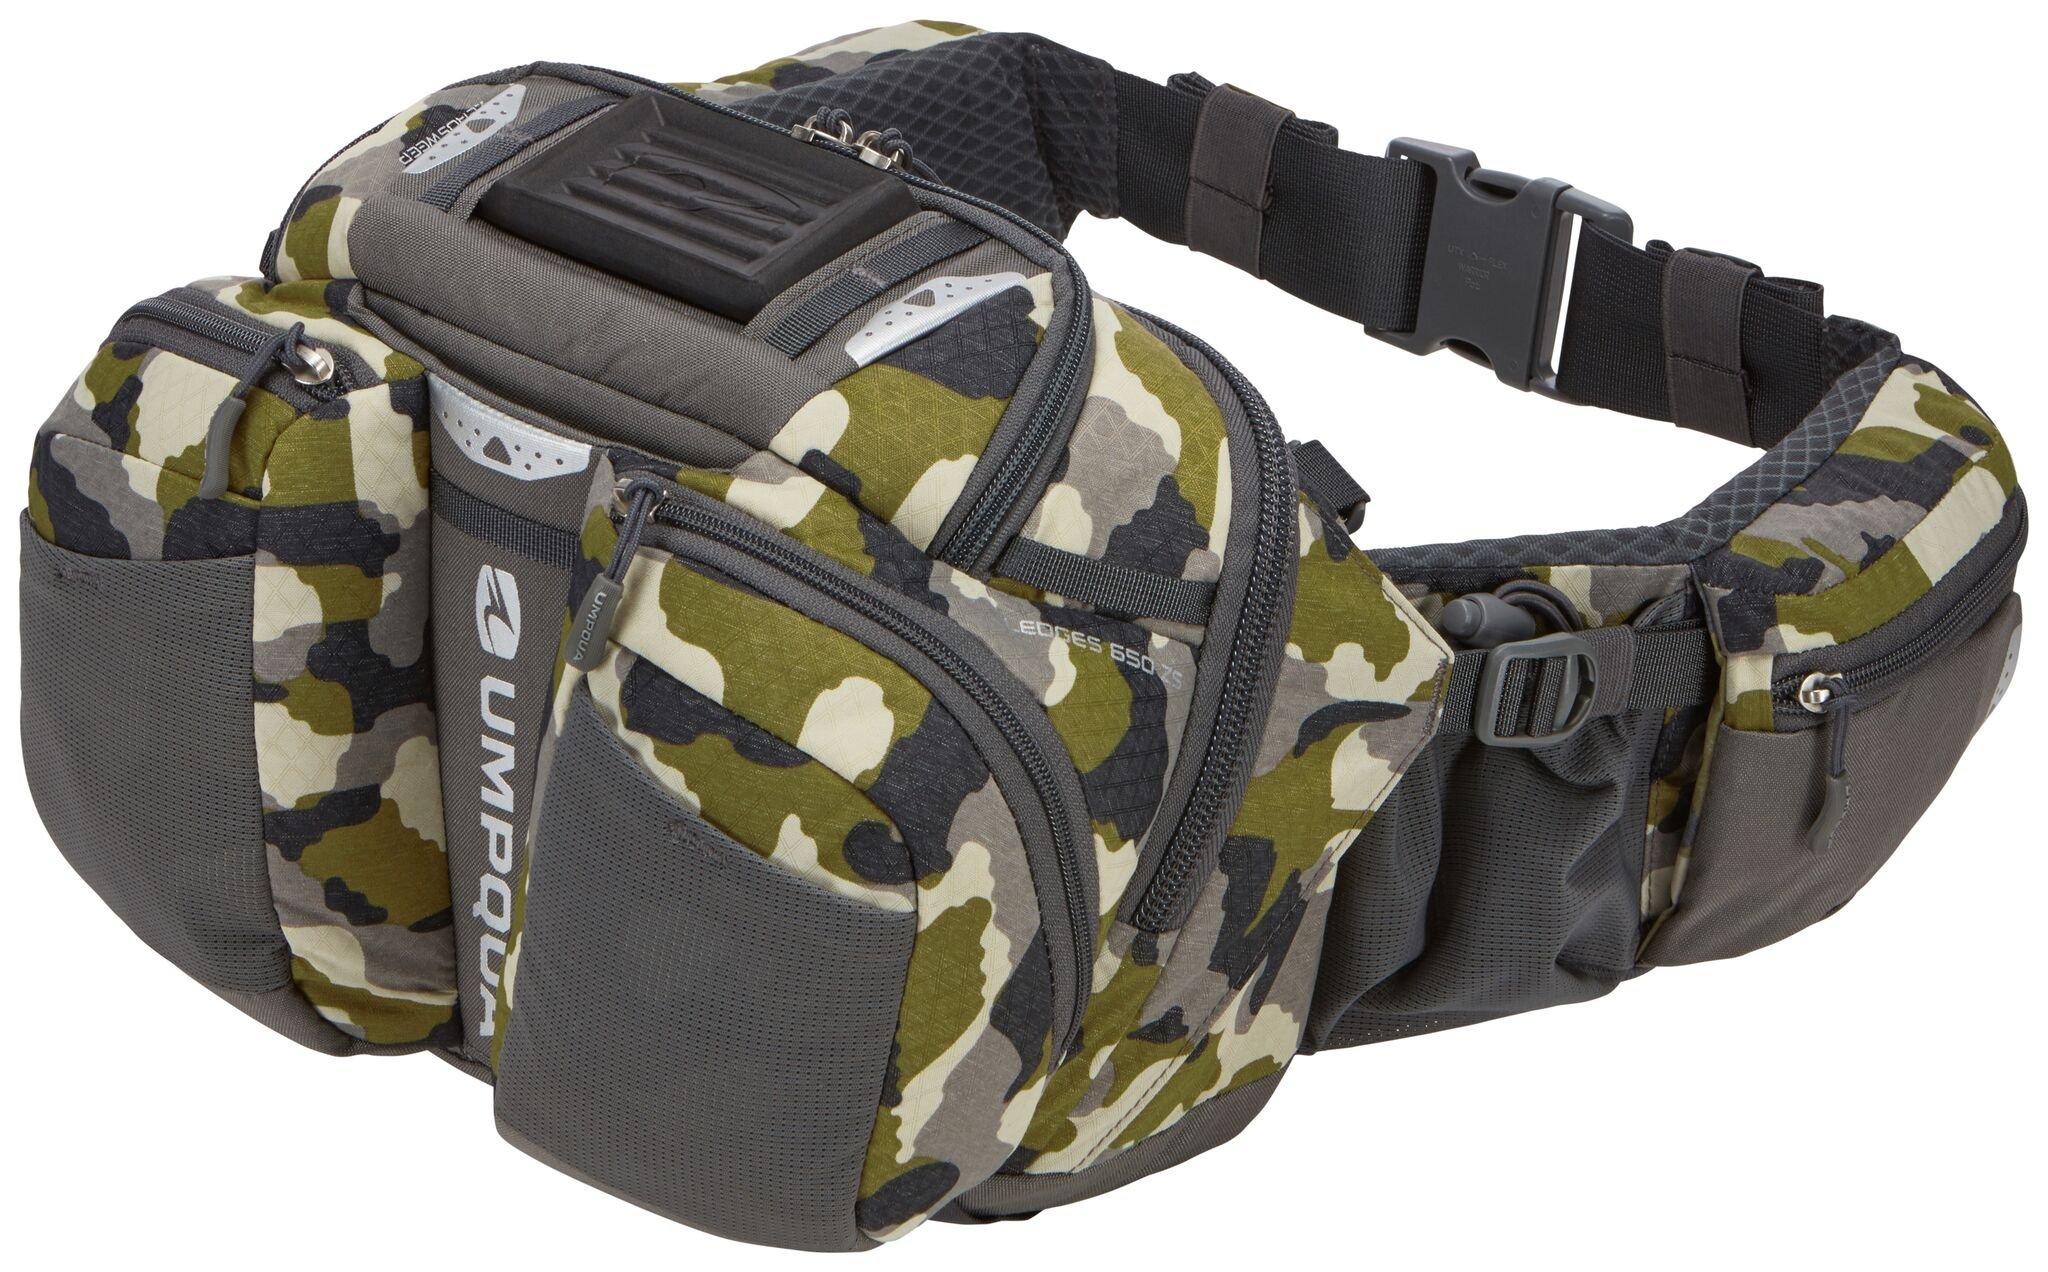 Umpqua Ledges 650 ZS Waist Pack - Camo by Umpqua